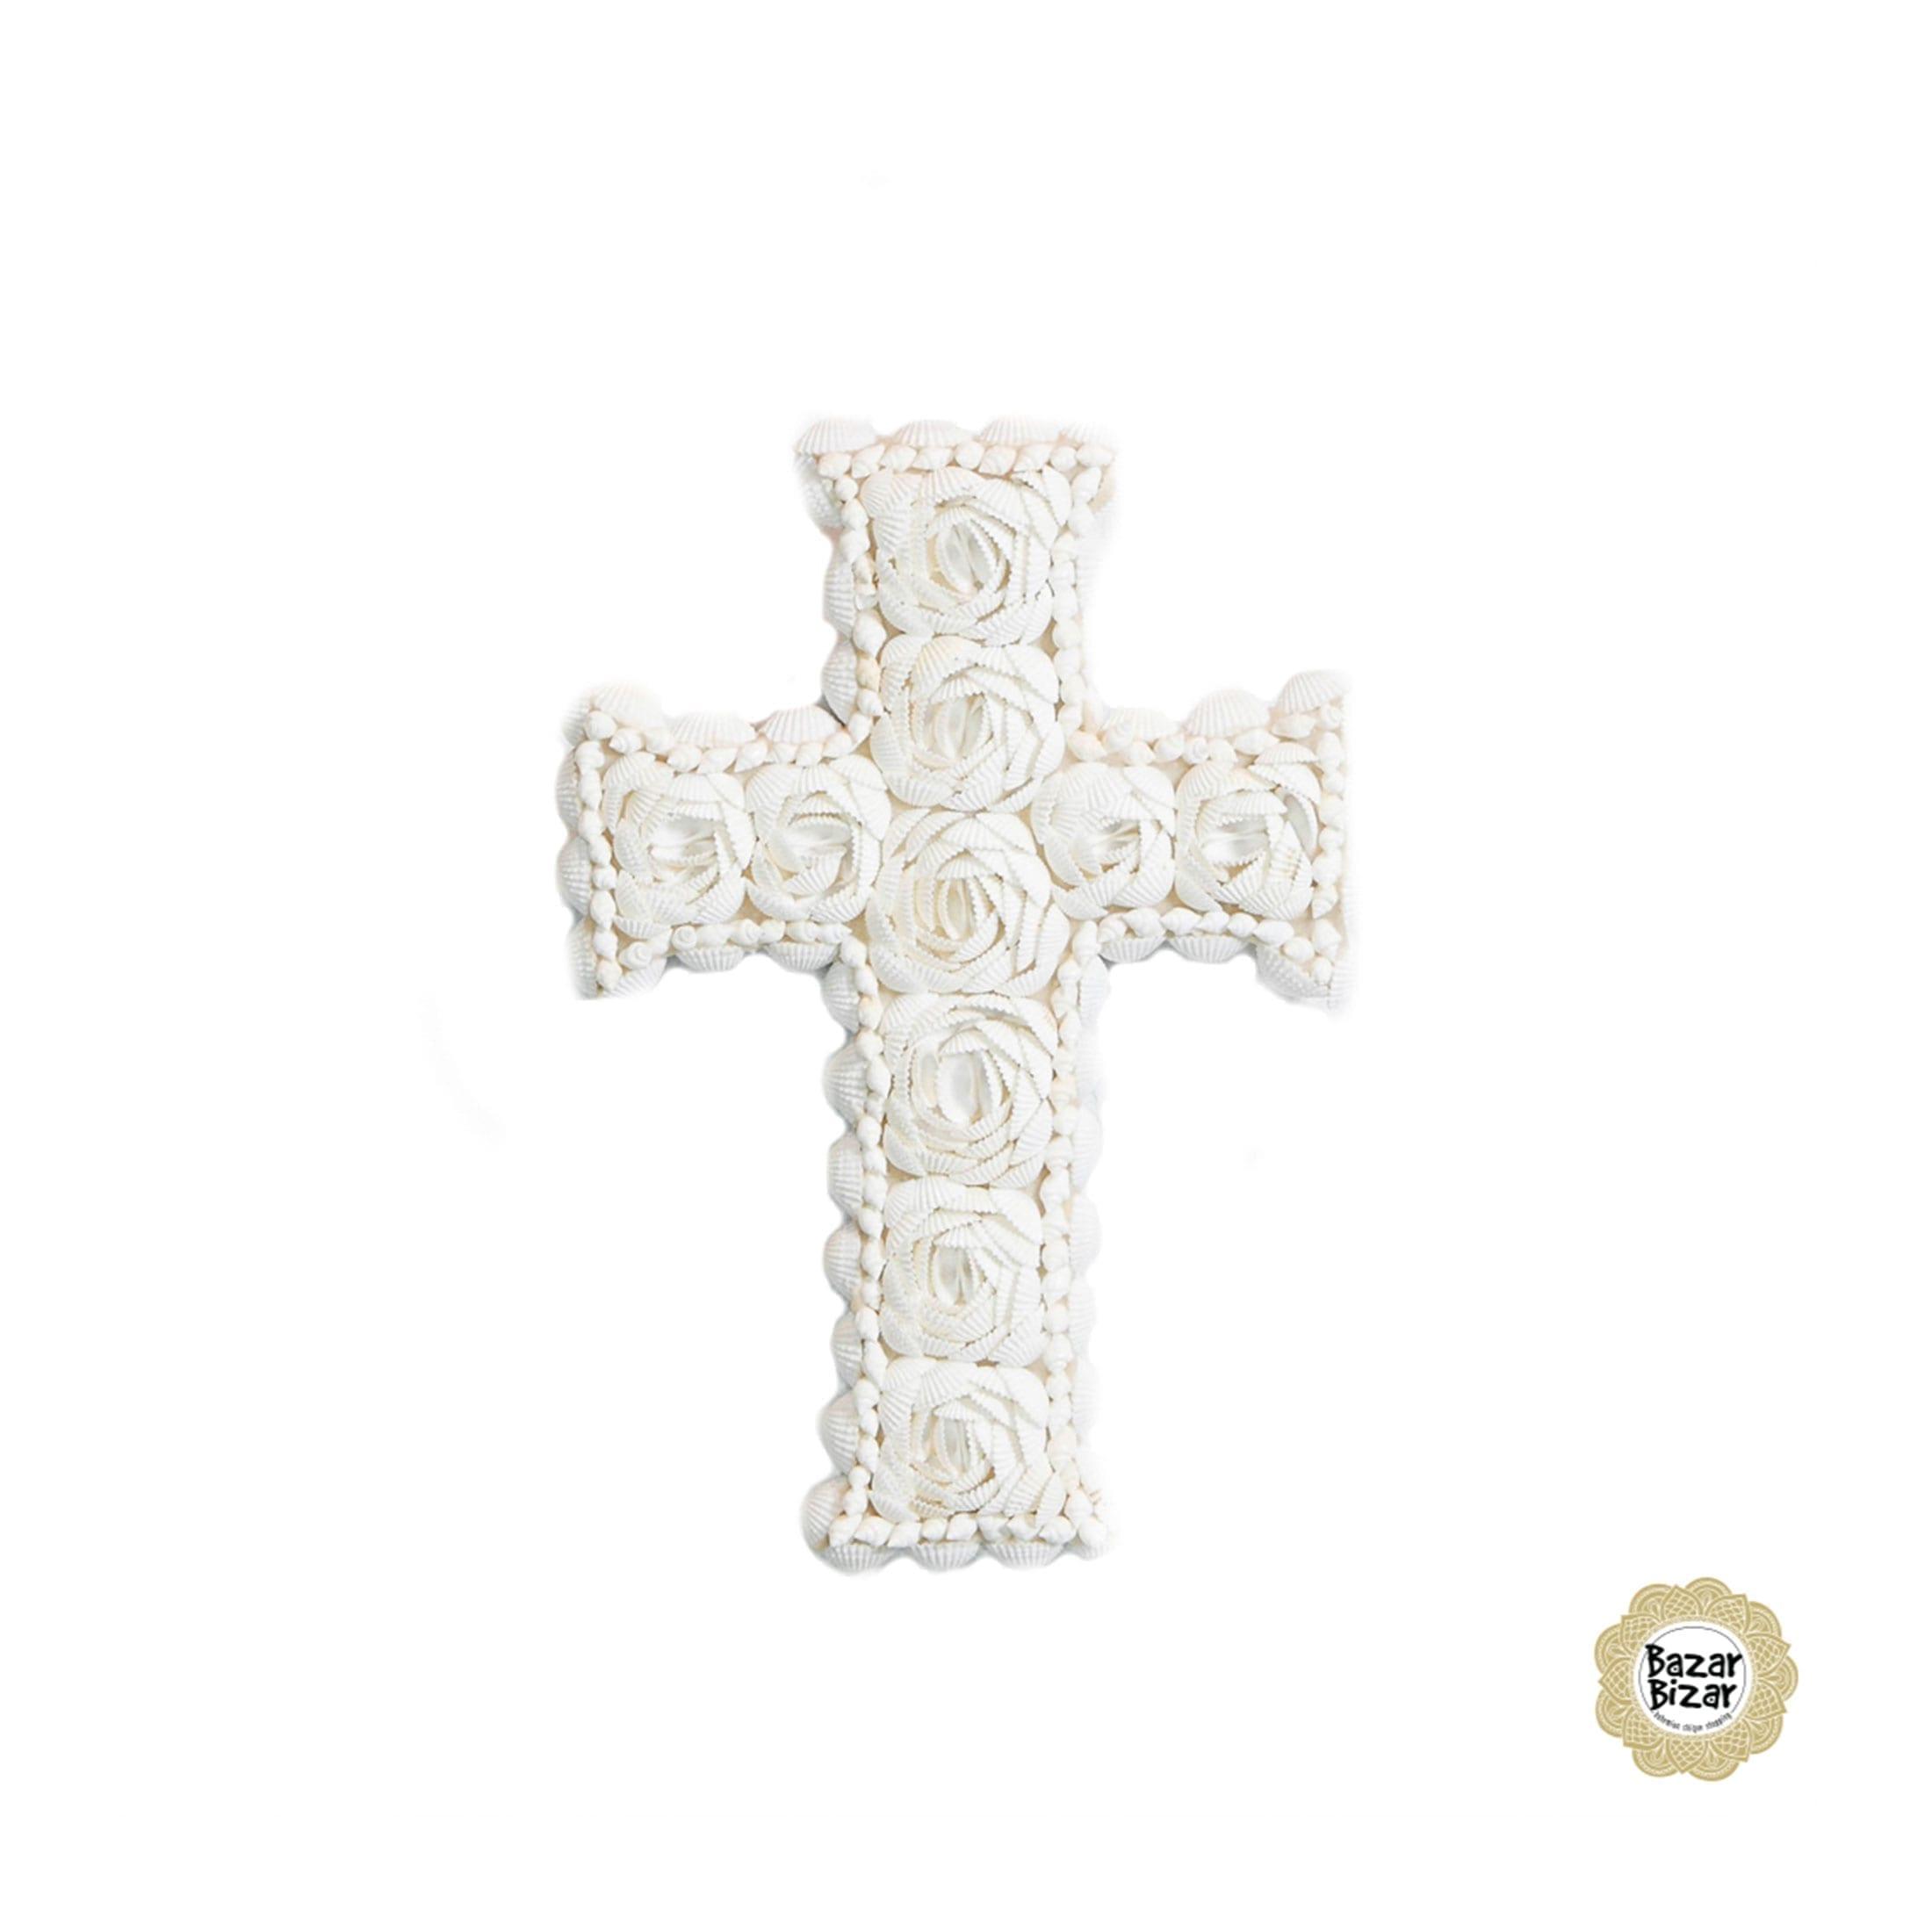 Kreuz aus Muscheln als Interior Dekoration im Boho Stil. Geschenk zum Verschenken an der Kommunion, zur Geburt oder für die Dekoration im maritimen Bohemian Stil. Entdecke weitere Muschel Deko